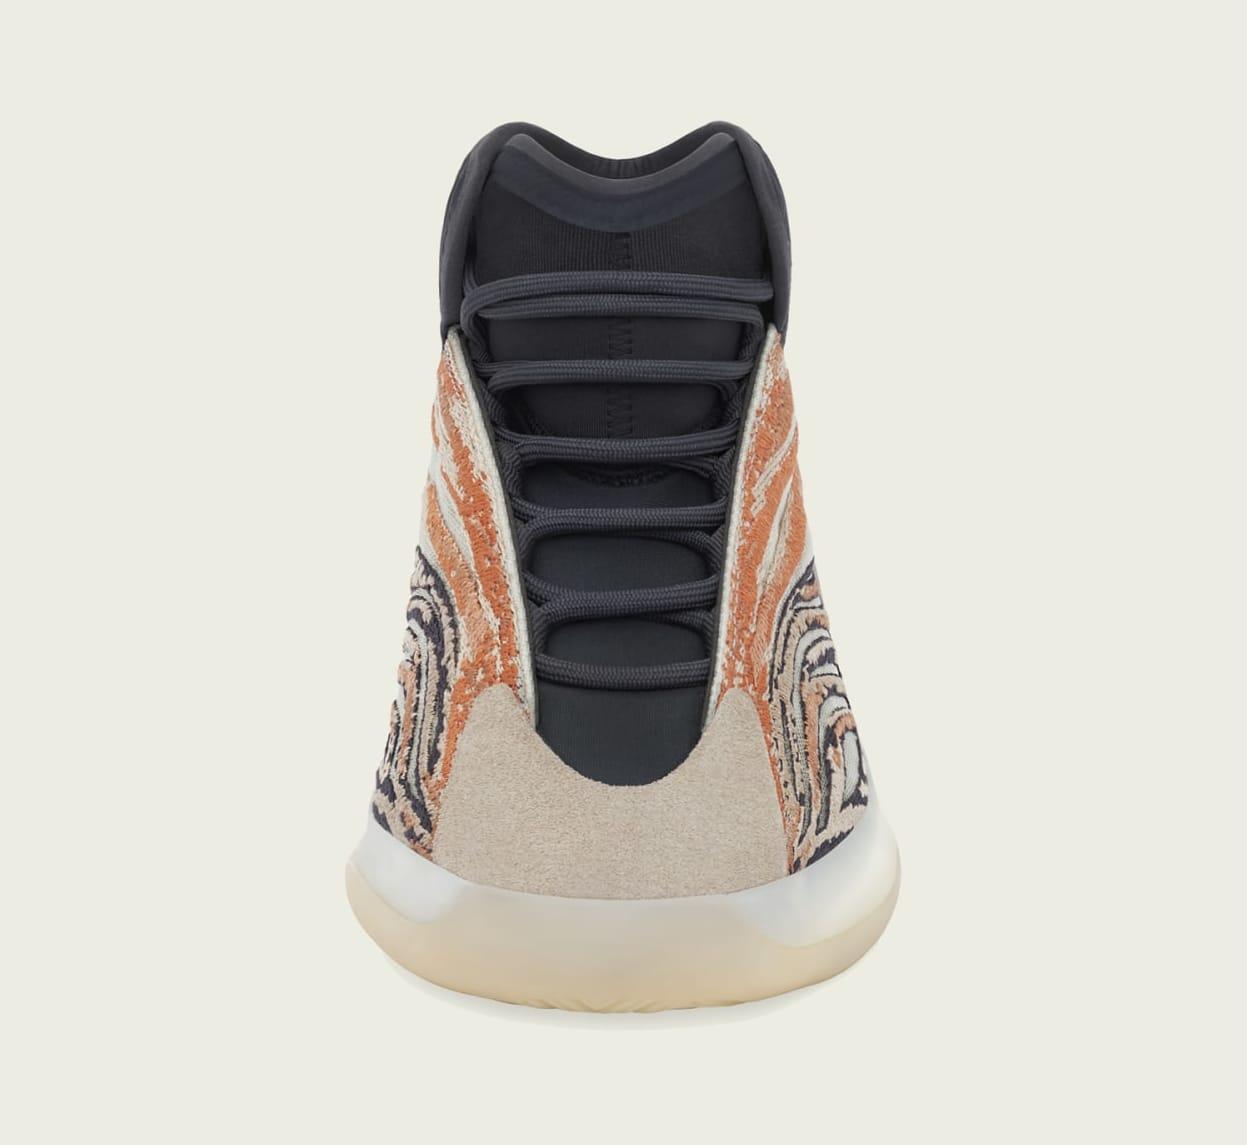 Adidas Yeezy QNTM 'Flash Orange' GW5314 Front